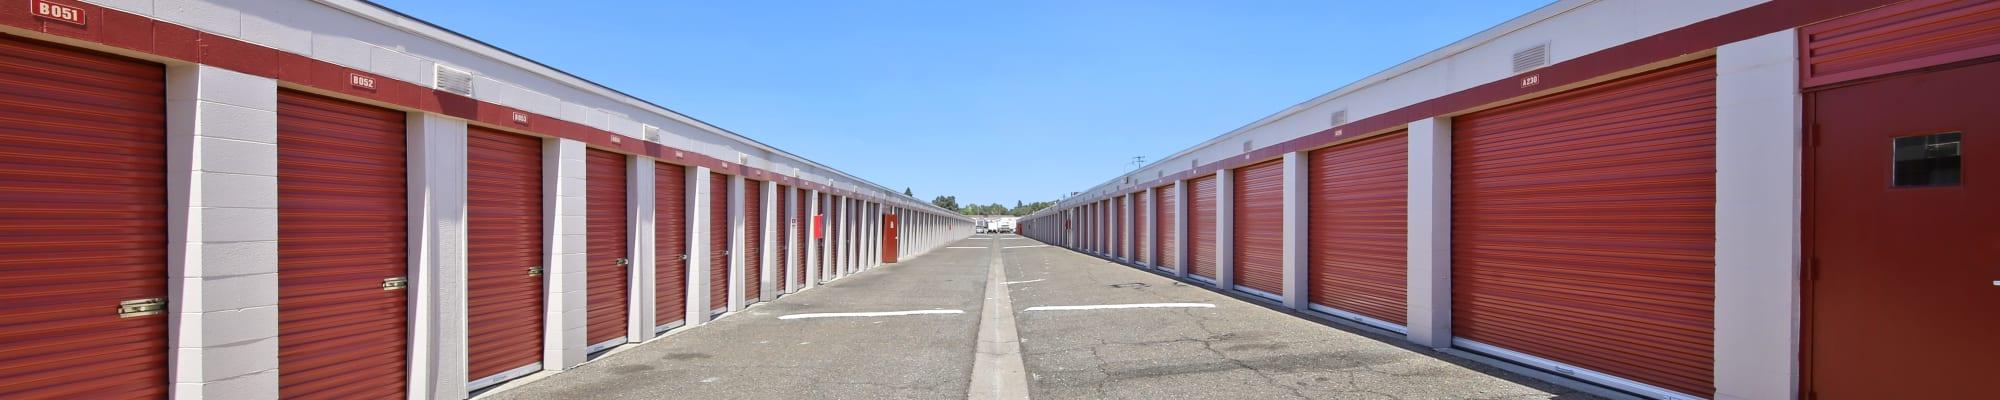 Refer a friend to Storage Star Rancho Cordova in Rancho Cordova, California